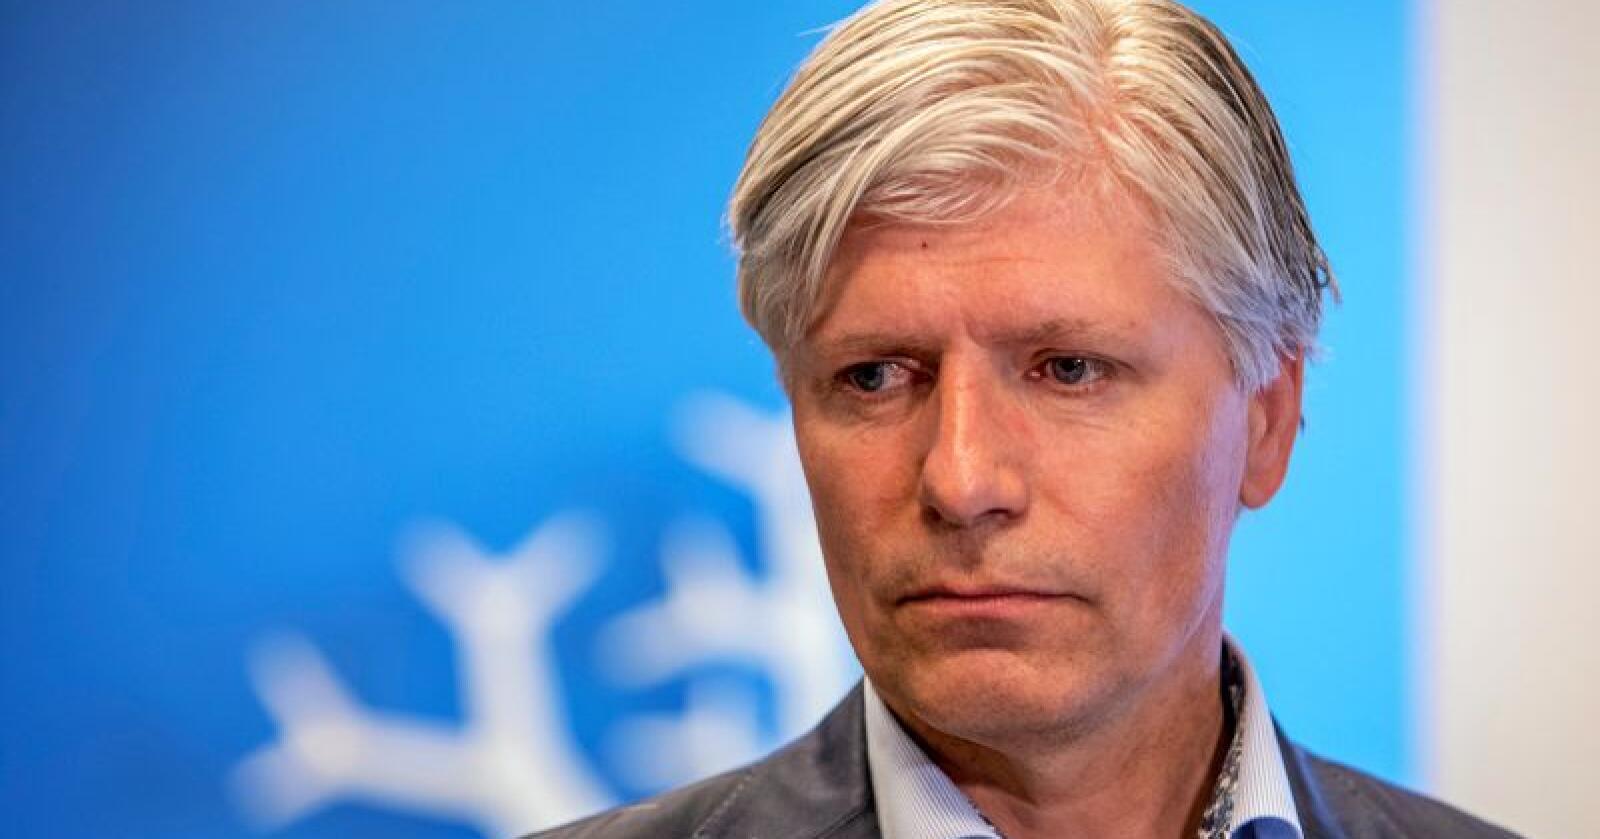 Klima- og miljøminister Ola Elvestuen. Foto: Ole Berg-Rusten / NTB scanpix